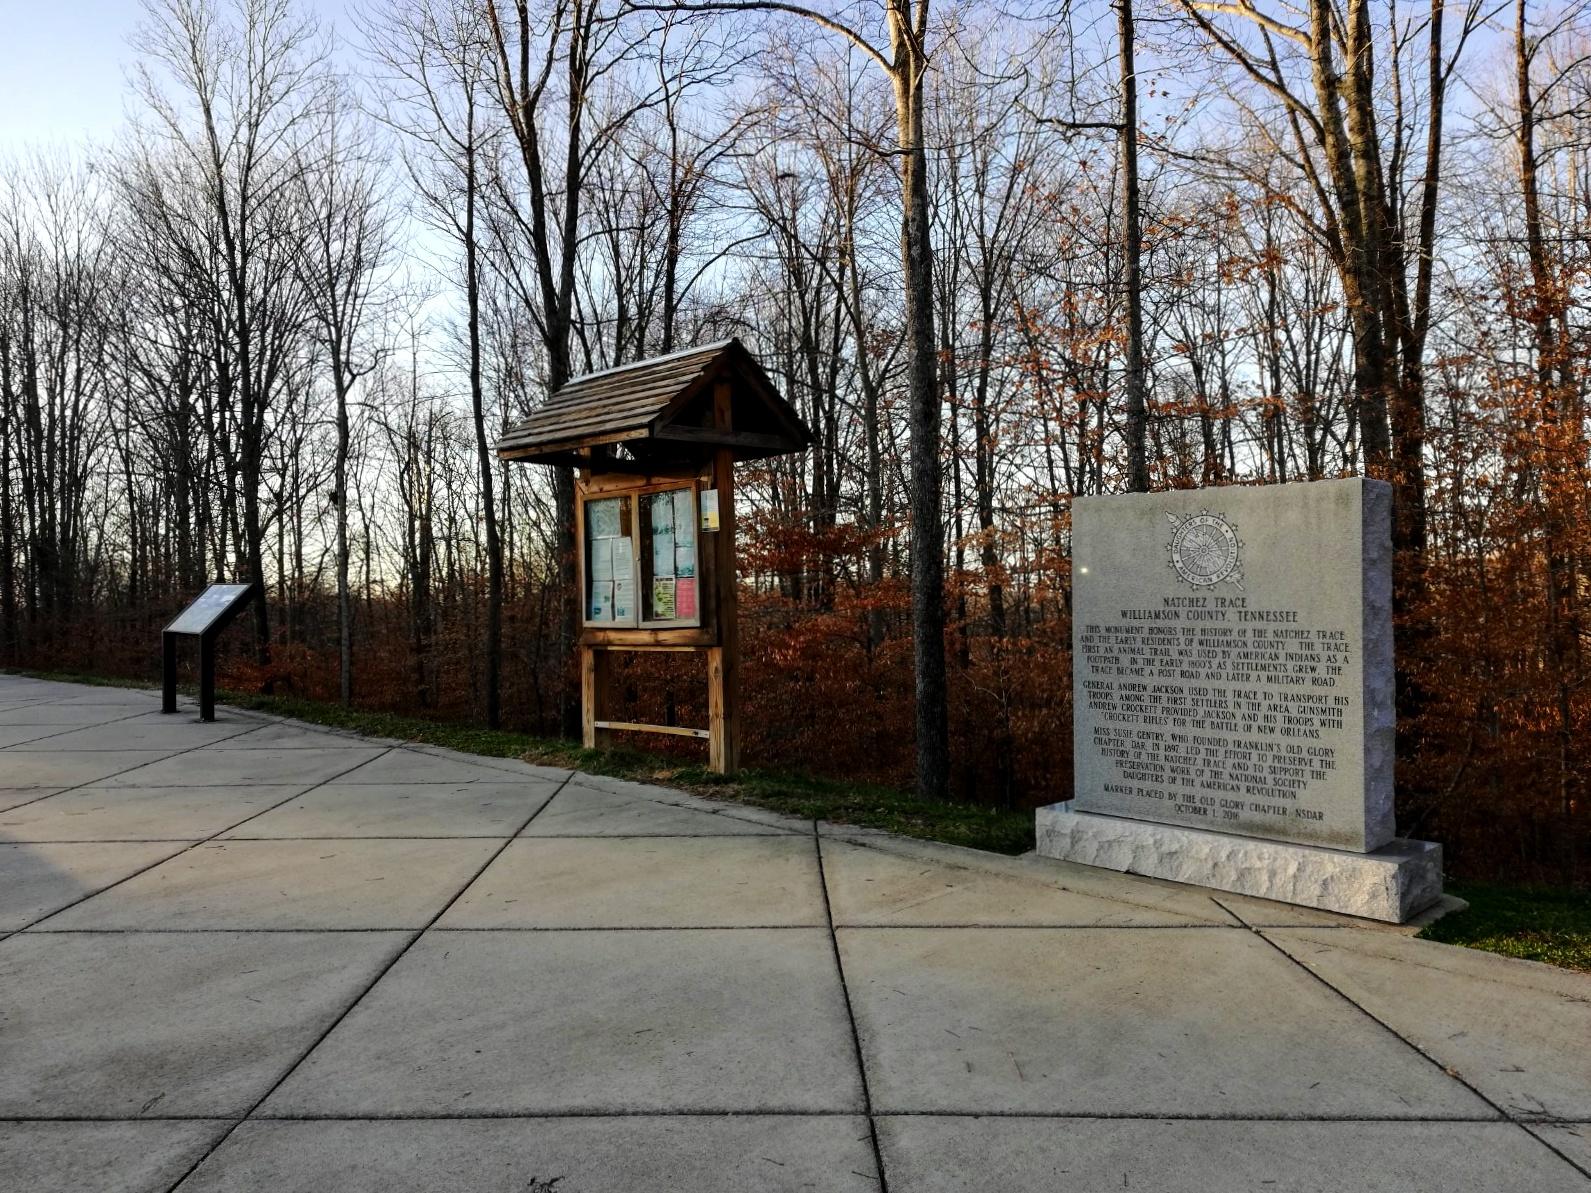 Timberland Park Natchez Trace Franklin